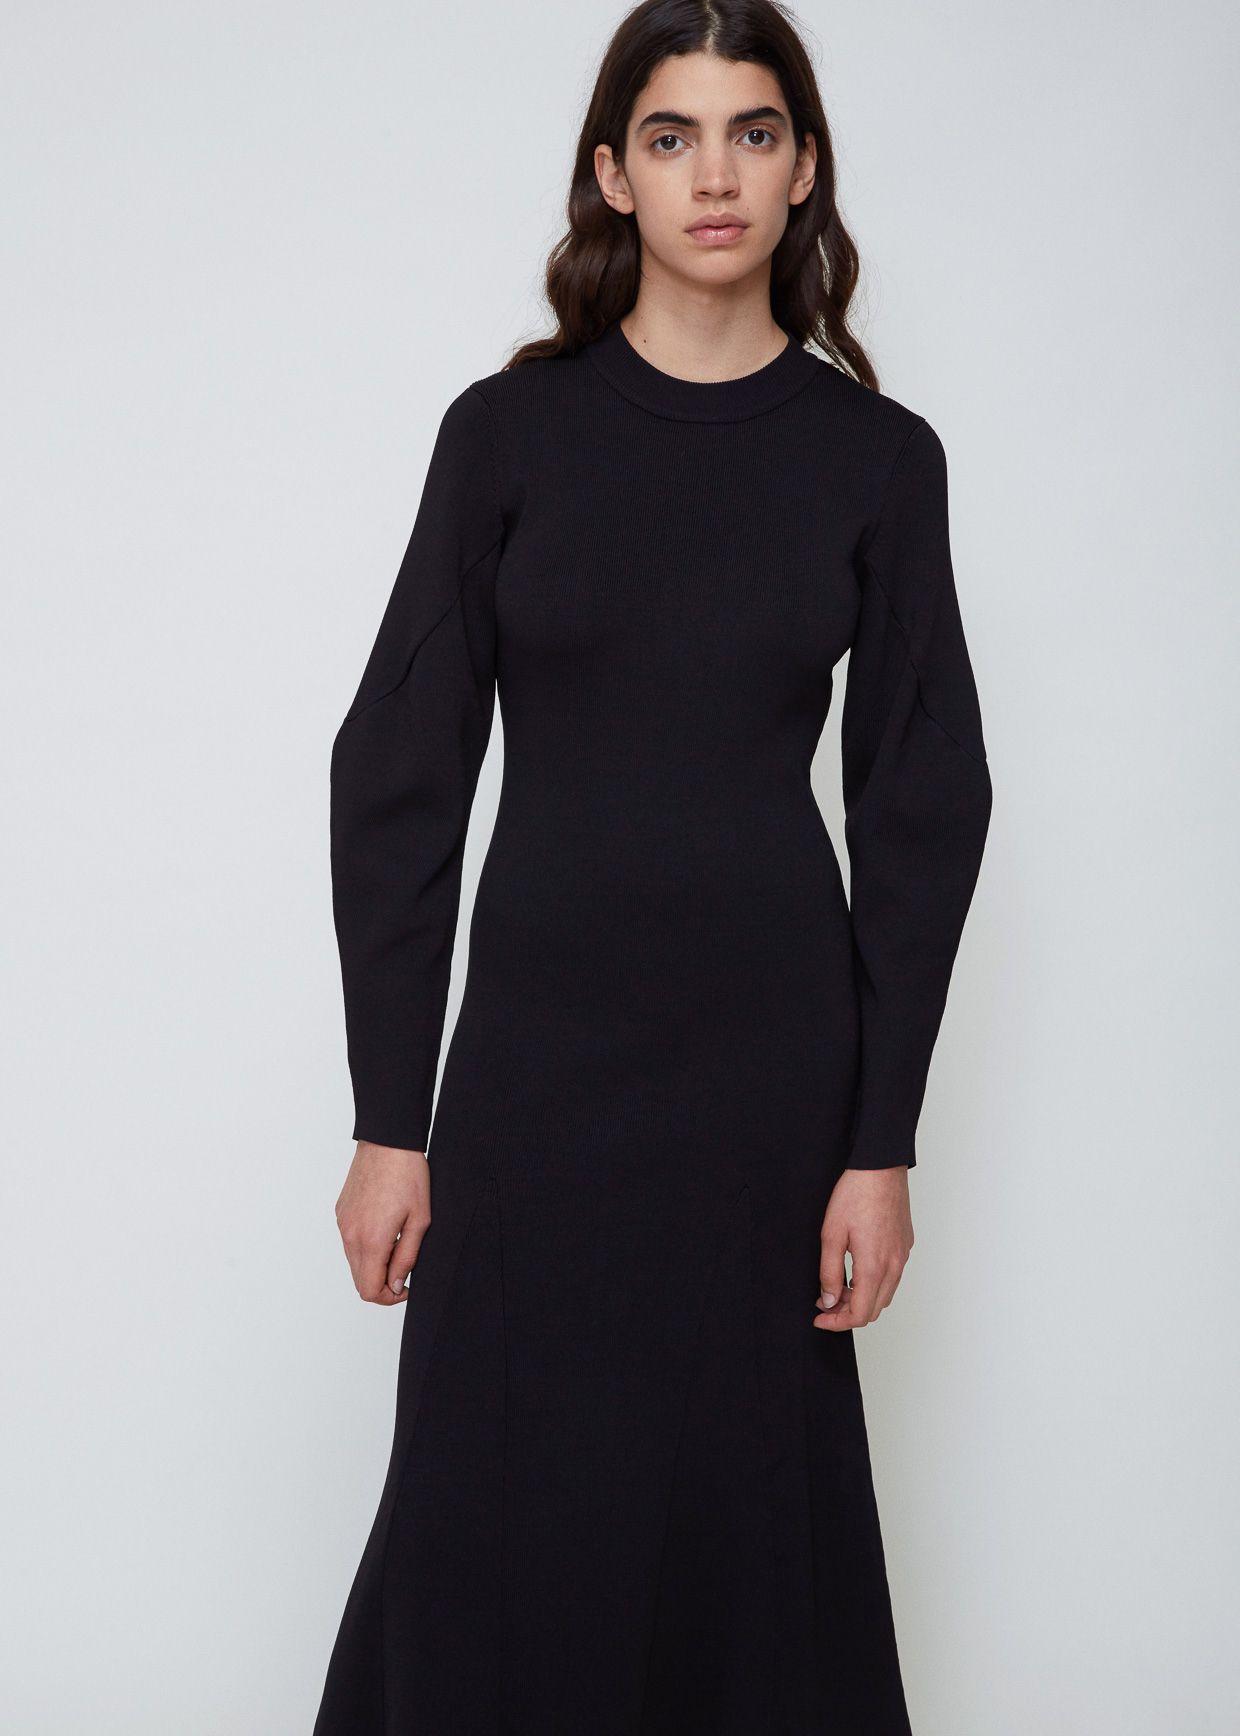 Viden Nedi Dress Black Dresses Knit Midi Dress Dress Up [ 1736 x 1240 Pixel ]